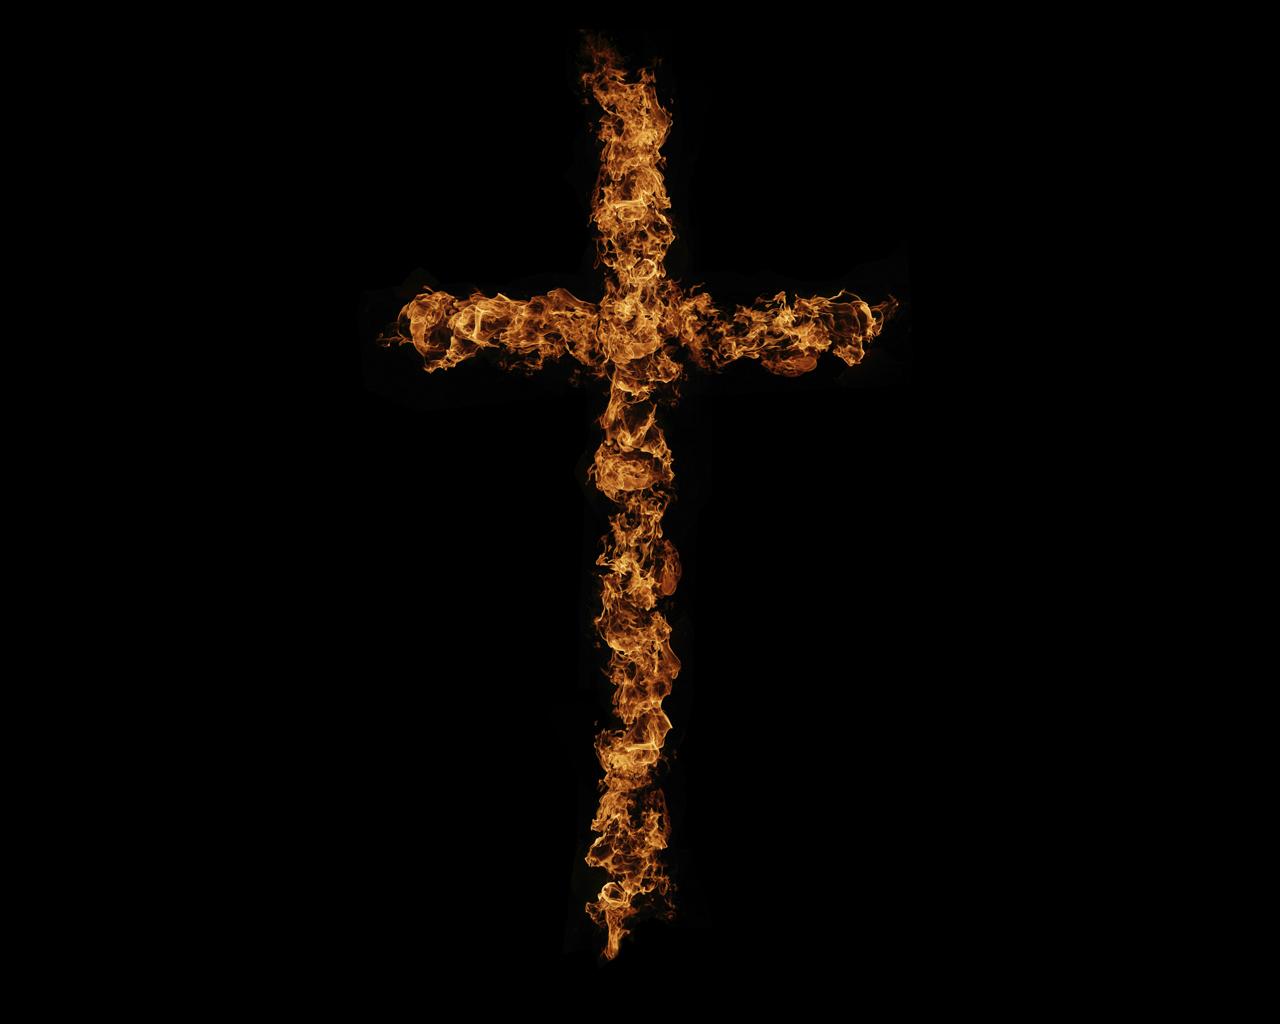 christian cross wallpaper 1280x1024